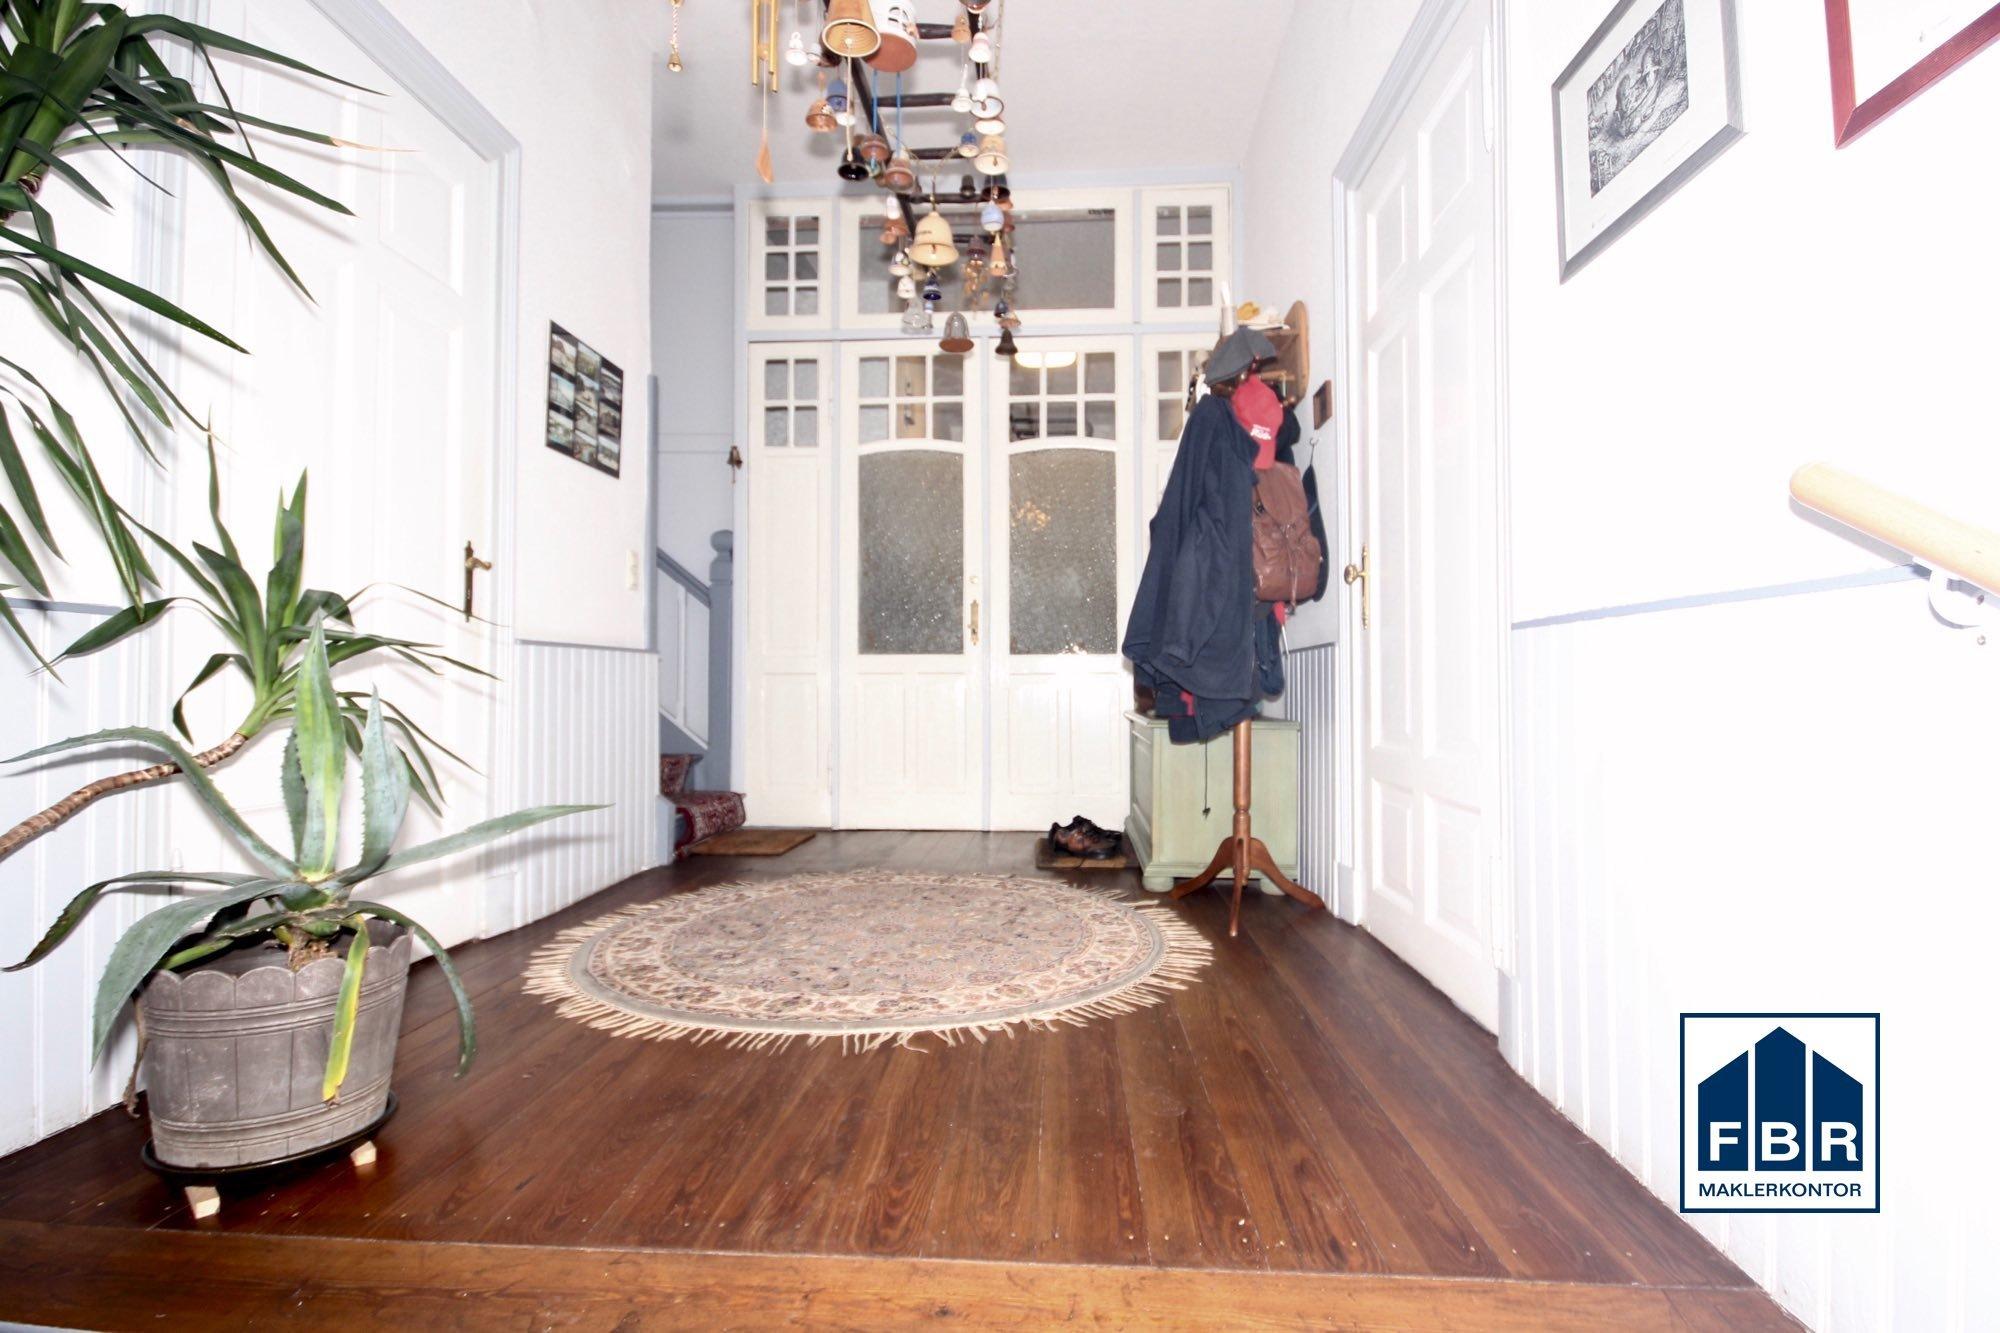 Vorflur - Zugang zur Wohnung